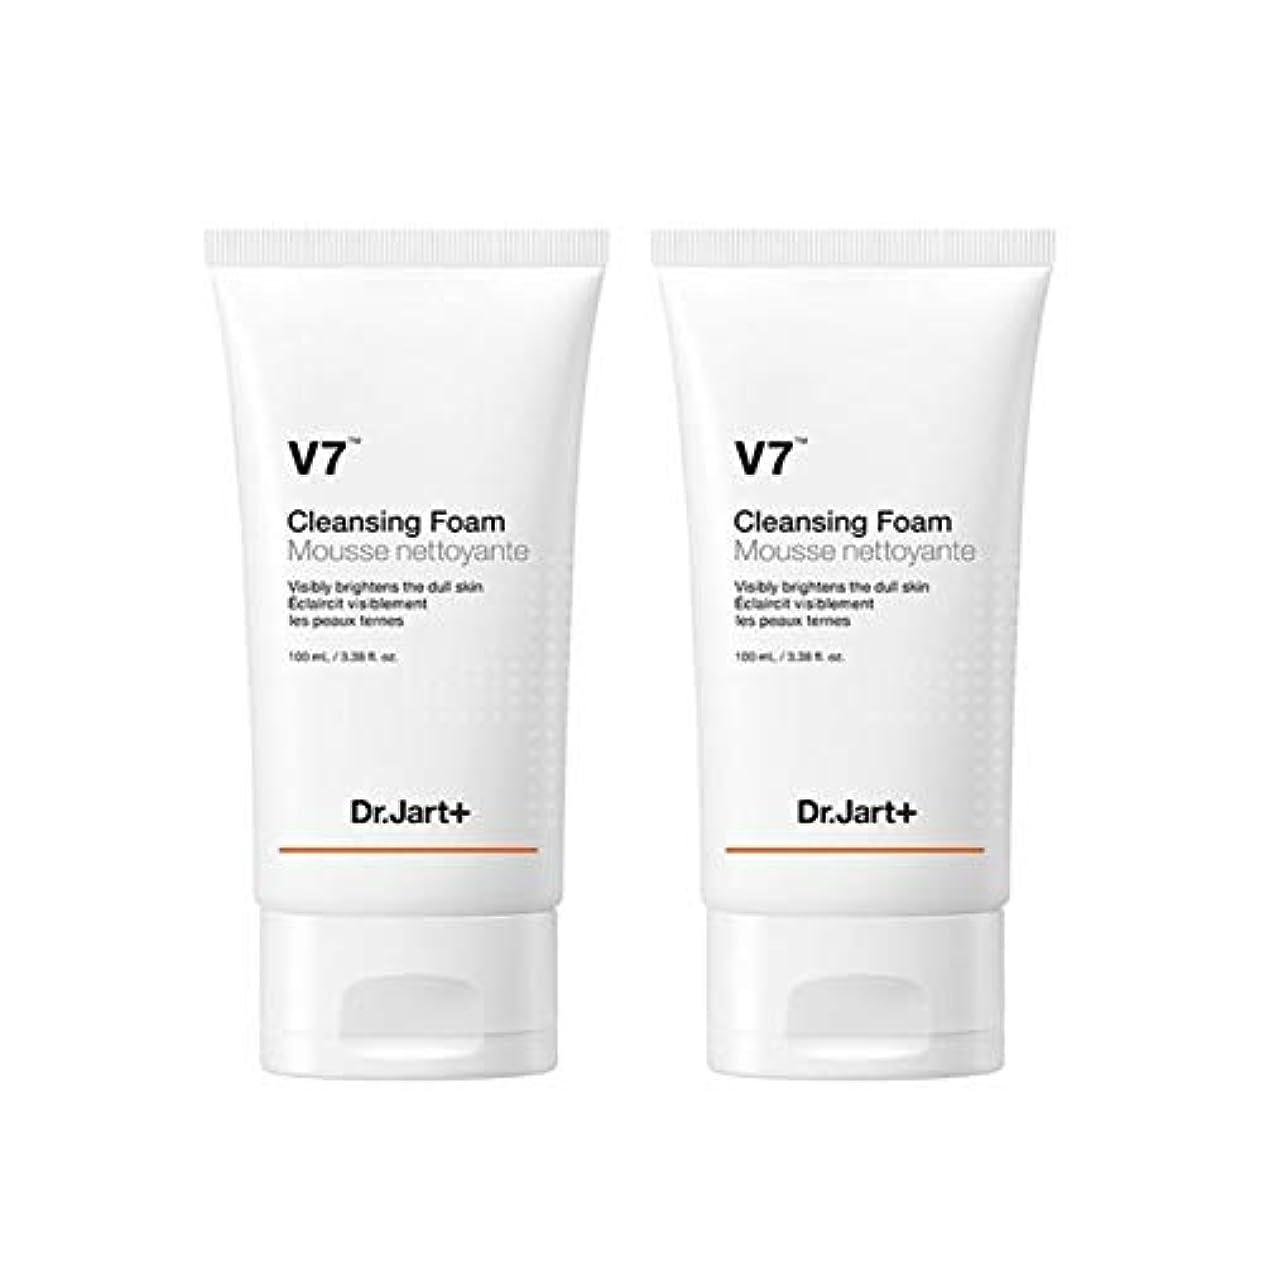 にもかかわらず広く拒絶ドクタージャルトゥV7クレンジングフォーム100mlx2本セット韓国コスメ、Dr.Jart V7 Cleansing Foam 100ml x 2ea Set Korean Cosmetics [並行輸入品]